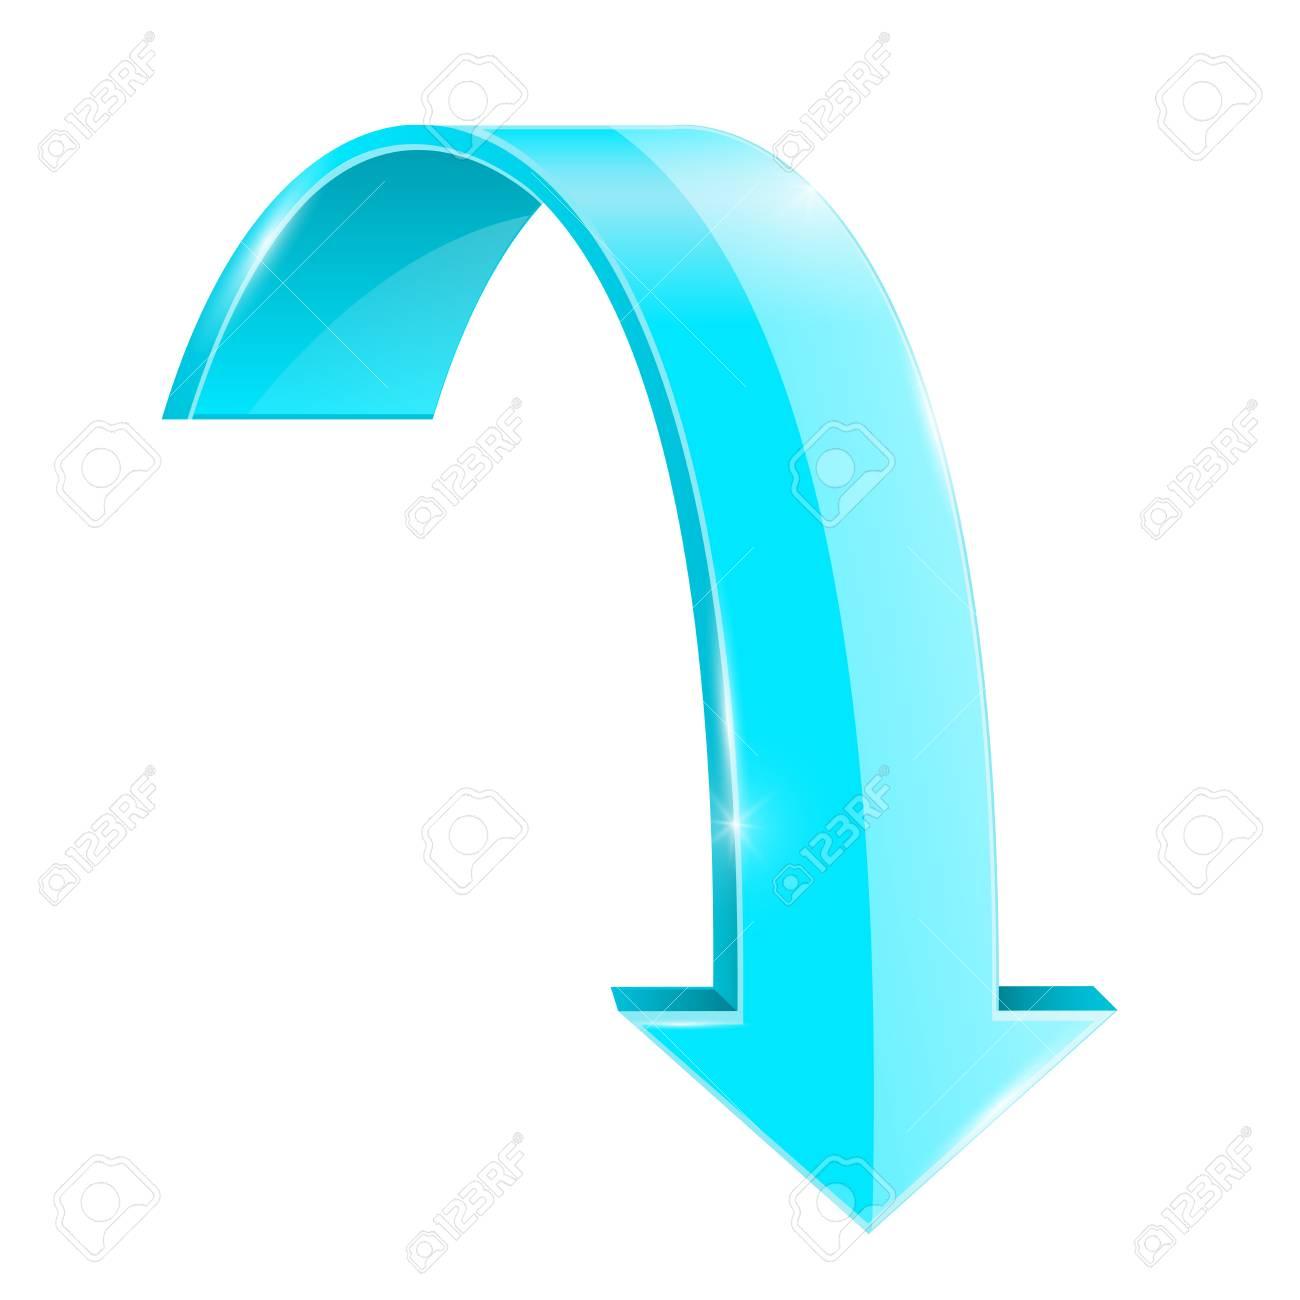 Flecha Hacia Abajo Azul. Forma Curva. Ilustración Aislada Sobre ...